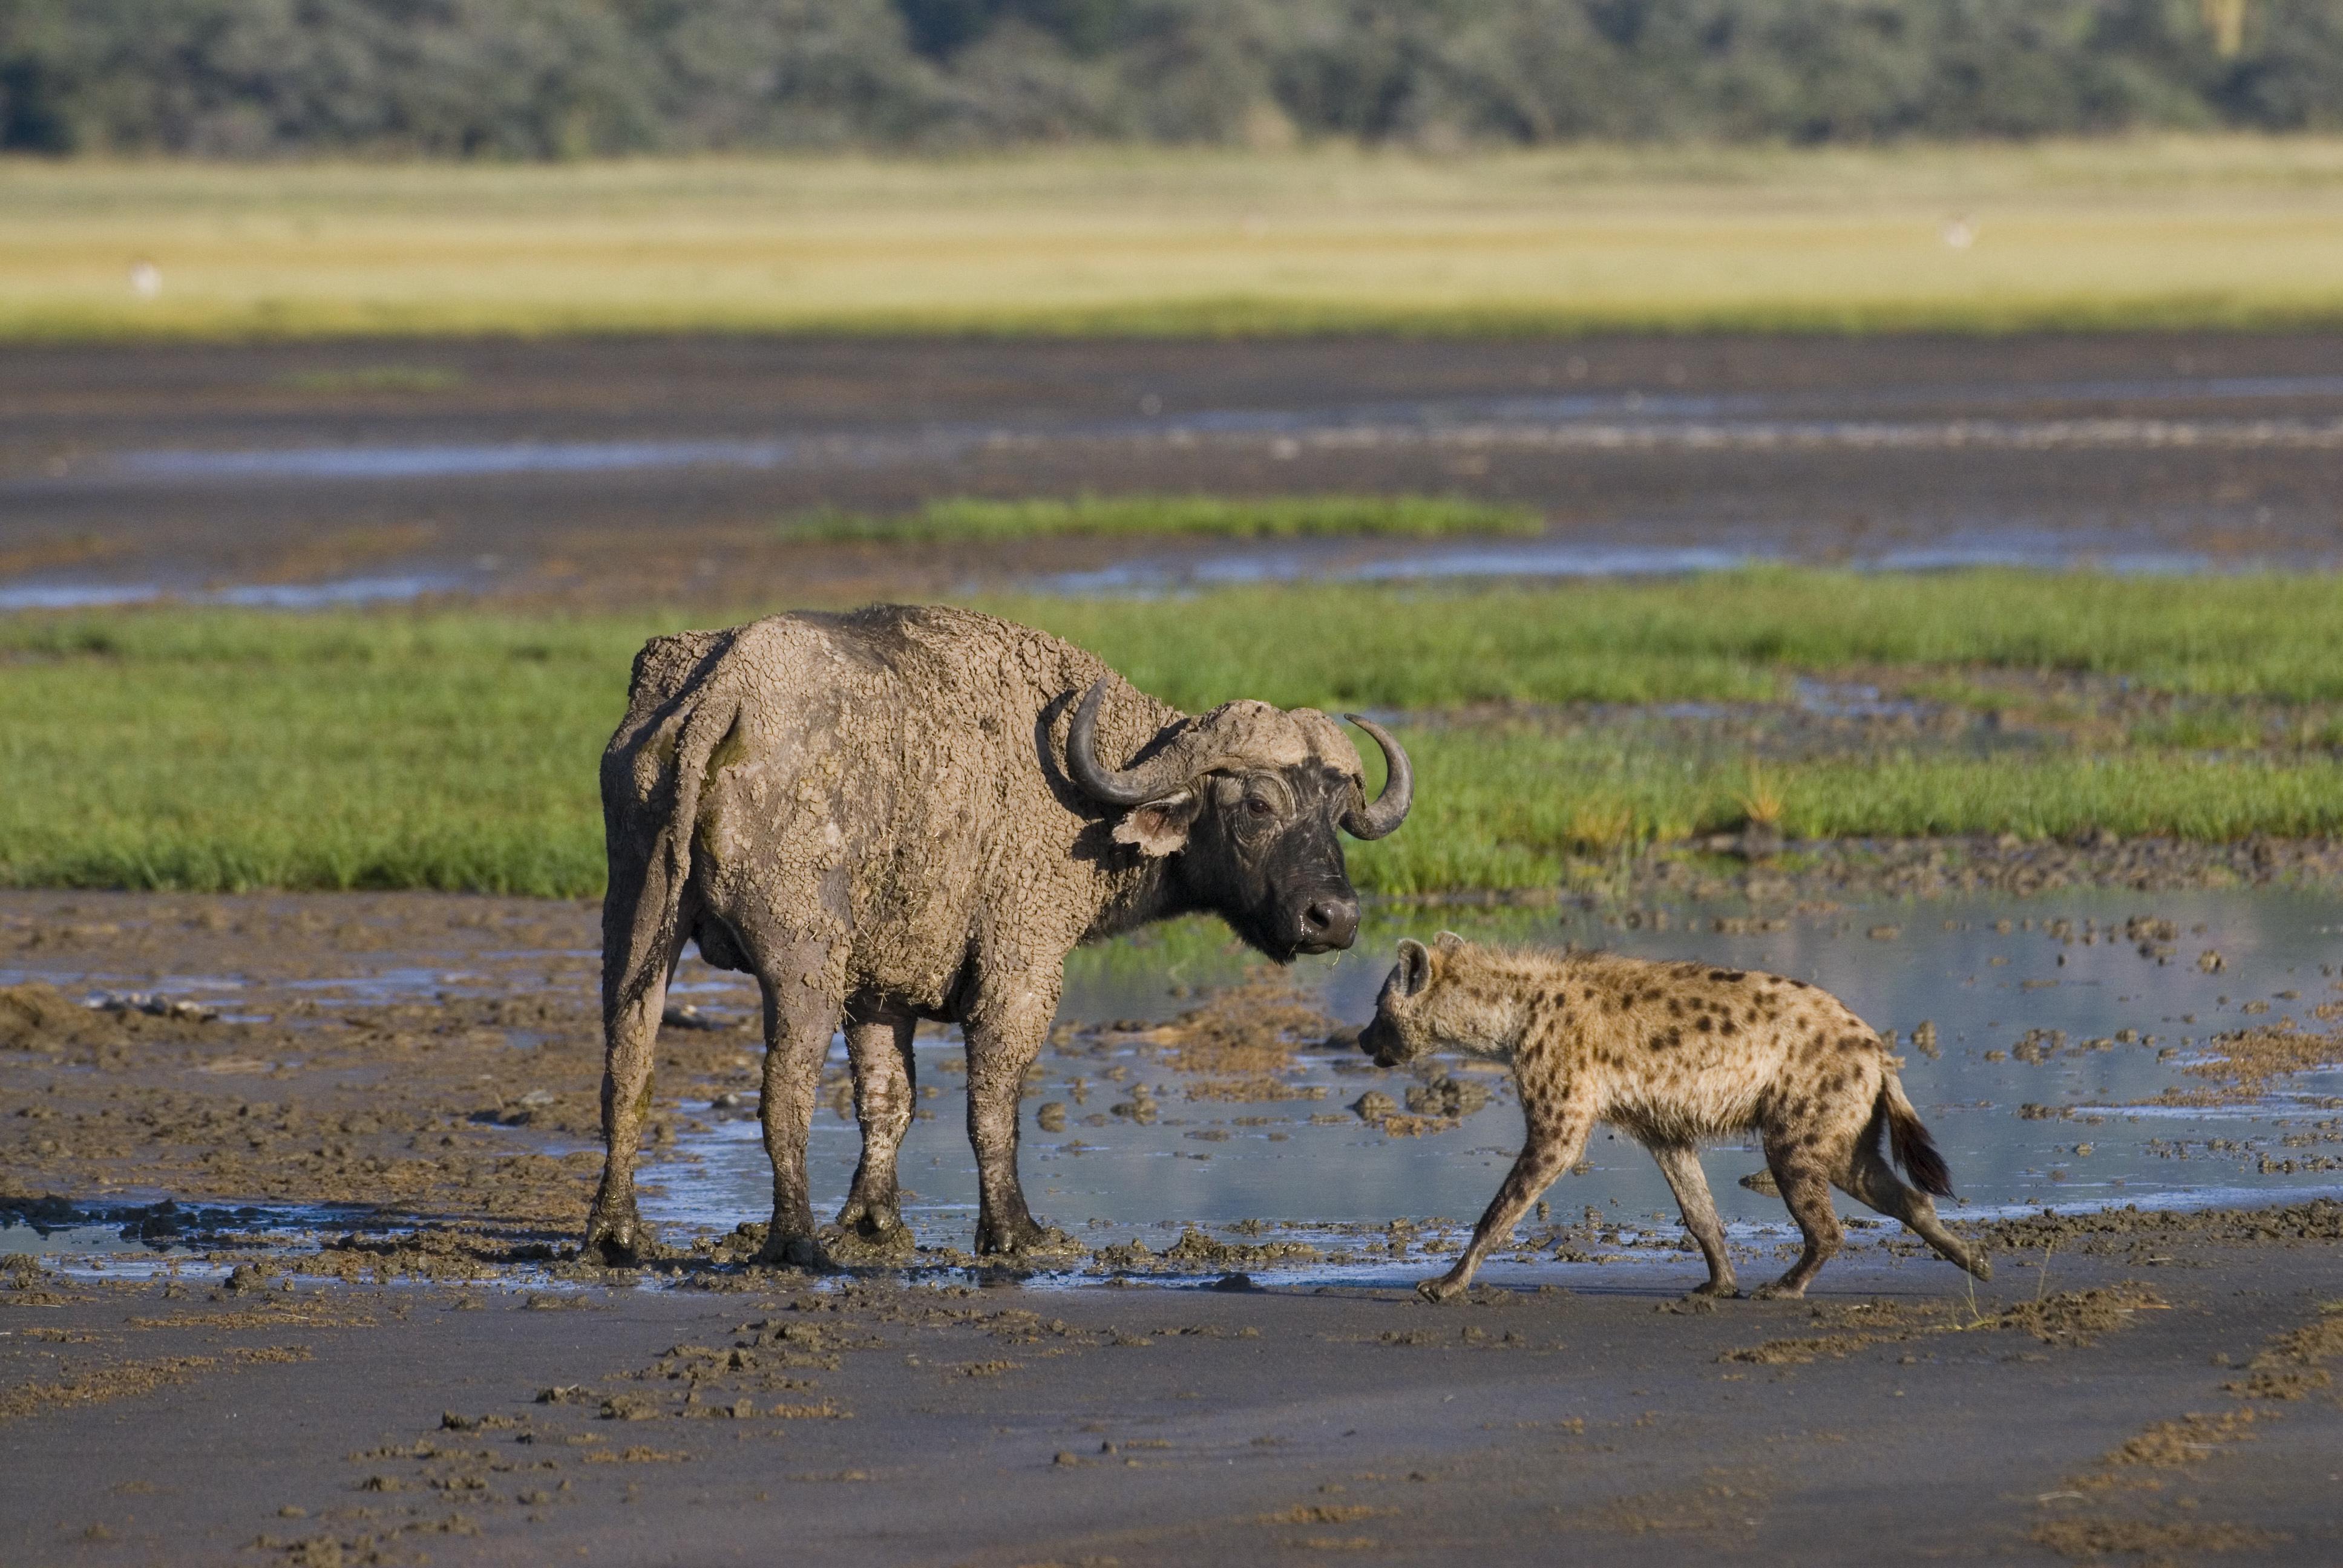 Tuepfelhyaene, Crocuta crocuta, beim Versuch einen Kaffernbueffel zu erlegen, NAKURU NATIONAL PARK, KENIA, Ost-Afrika                |Spotted Hyenas hunting an African Buffalo, Crocuta crocuta, NAKURU NATIONAL PARK, KENYA, EAST Africa|